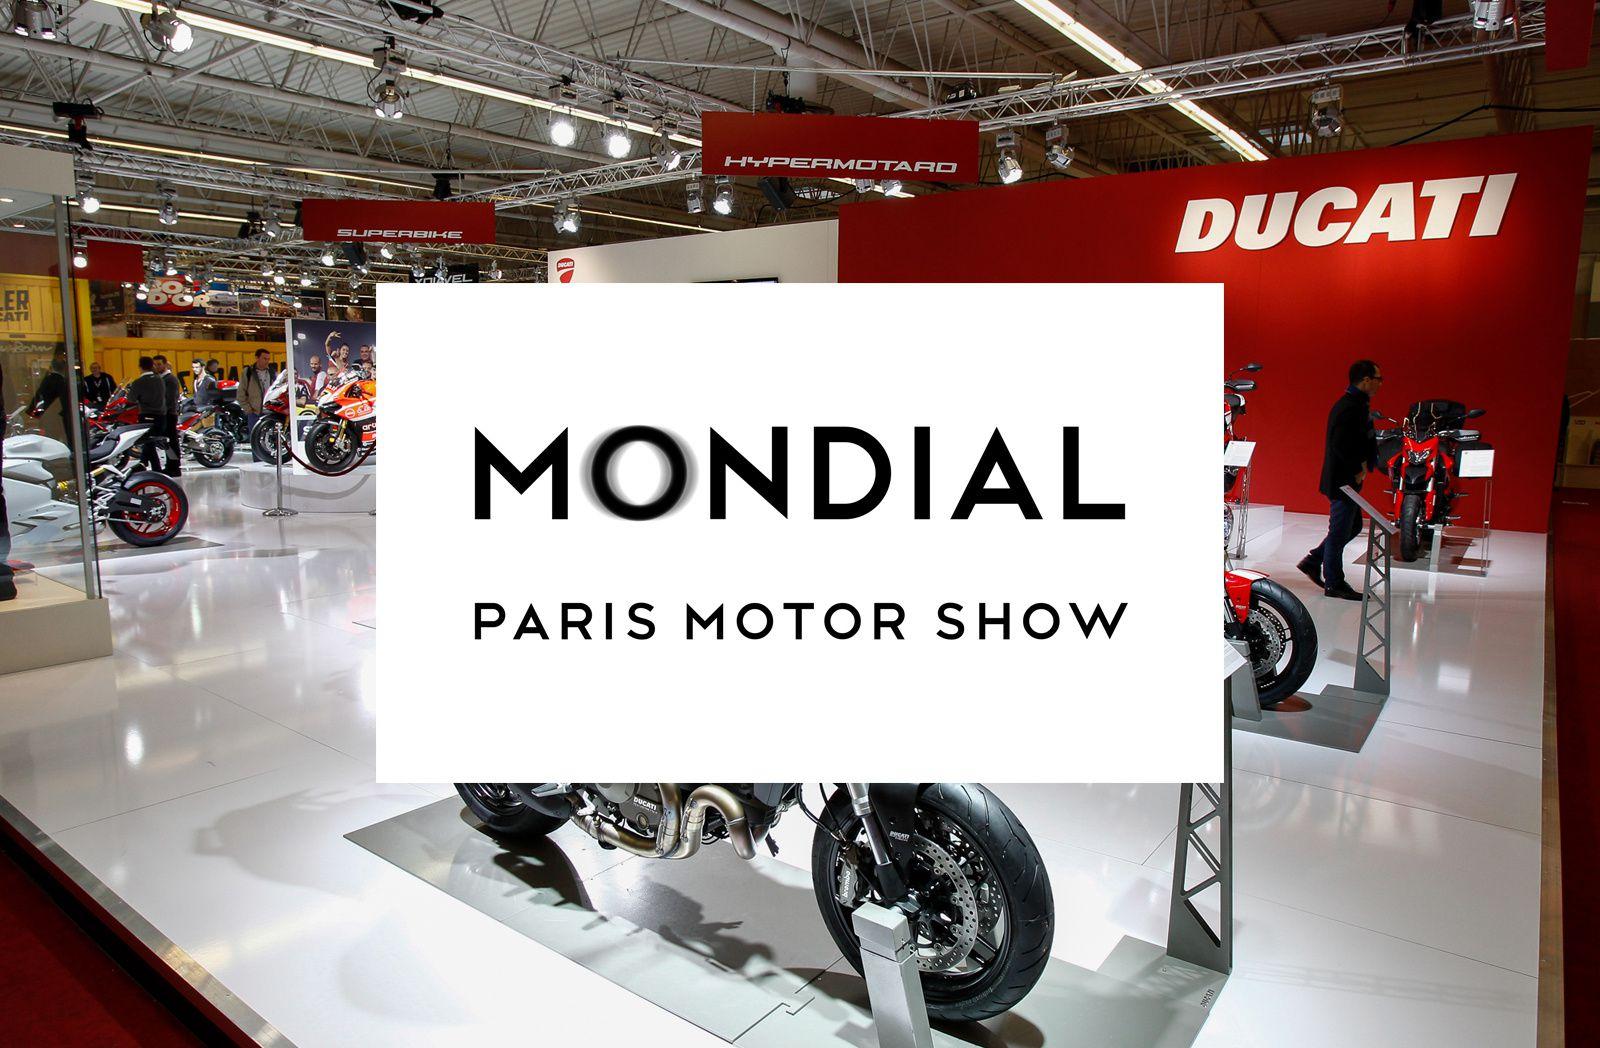 Mondial de la moto revient en 2018 avec toutes les nouveautés qui s'en suivront.